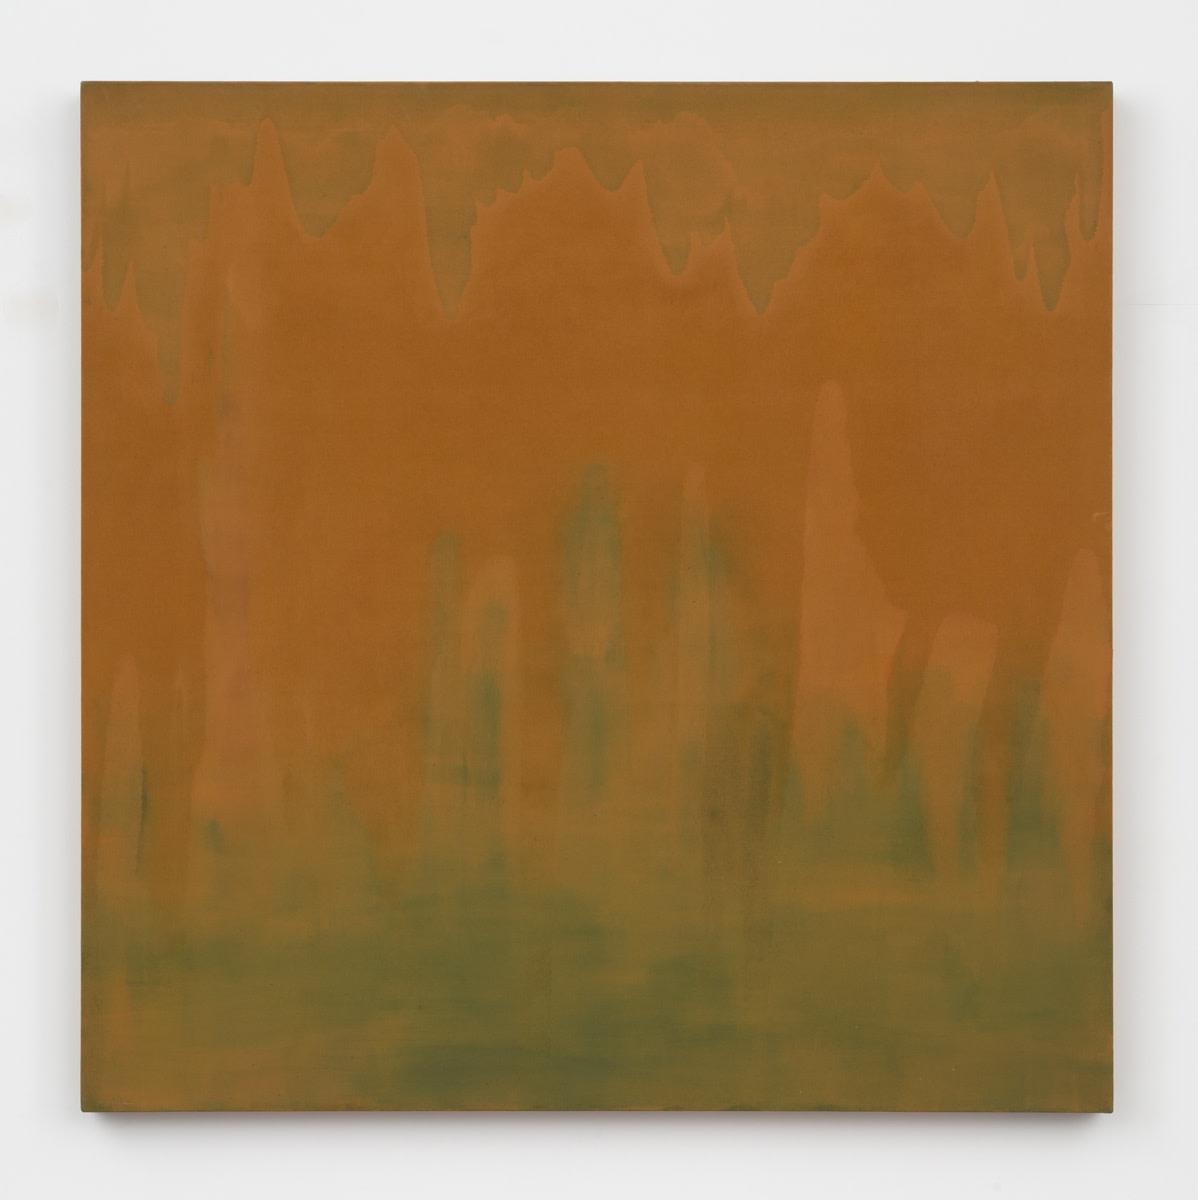 Virginia Jaramillo Untitled, c. 1975 Oil on canvas 121.9 x 121.9 cm 48 x 48 in Inquire